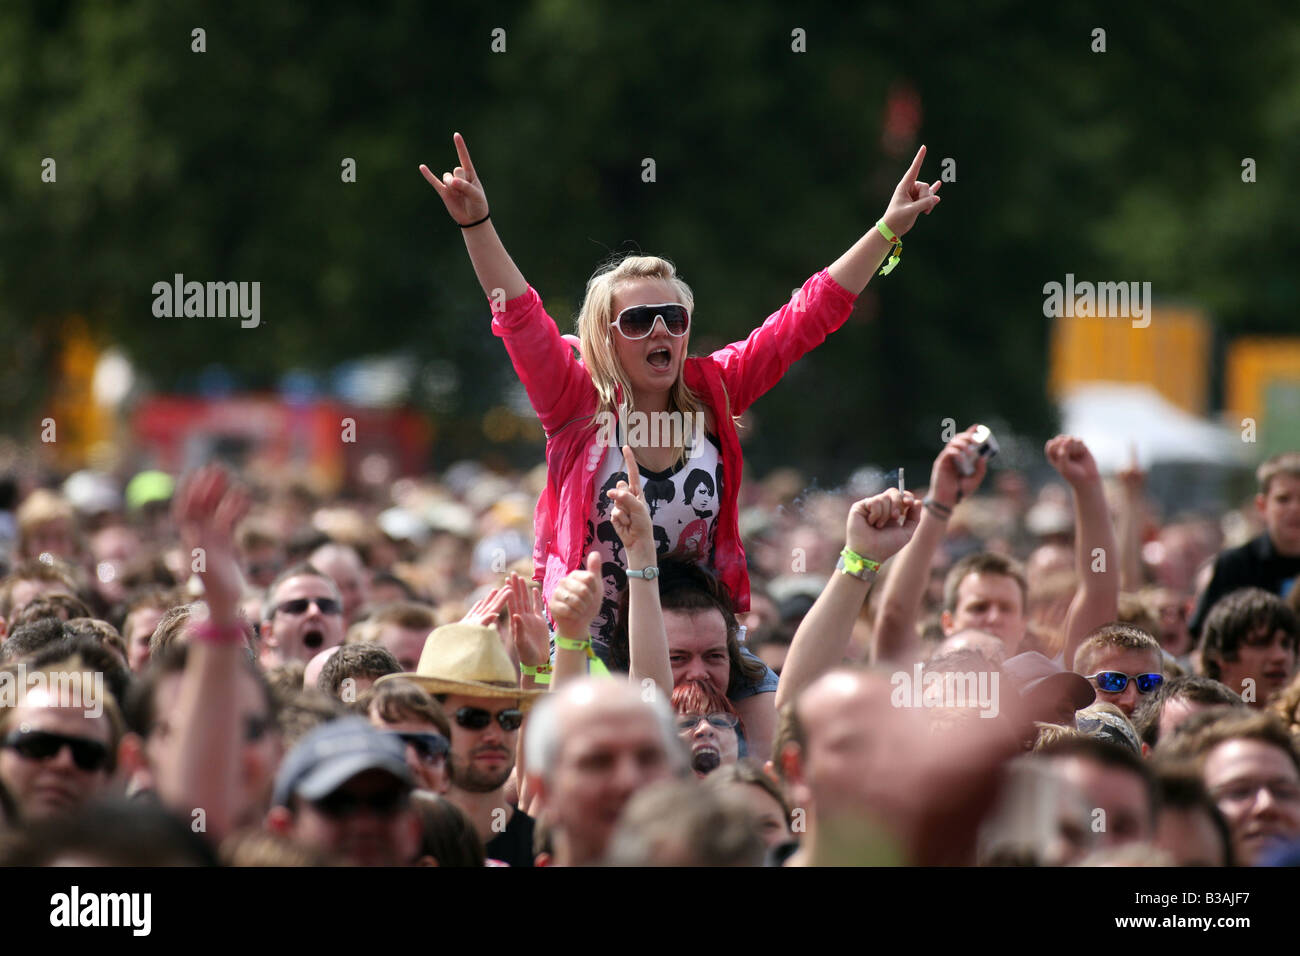 Une fille dans la foule appréciant la musique du V Festival à Hylands Park, Chelmsford Essex Banque D'Images